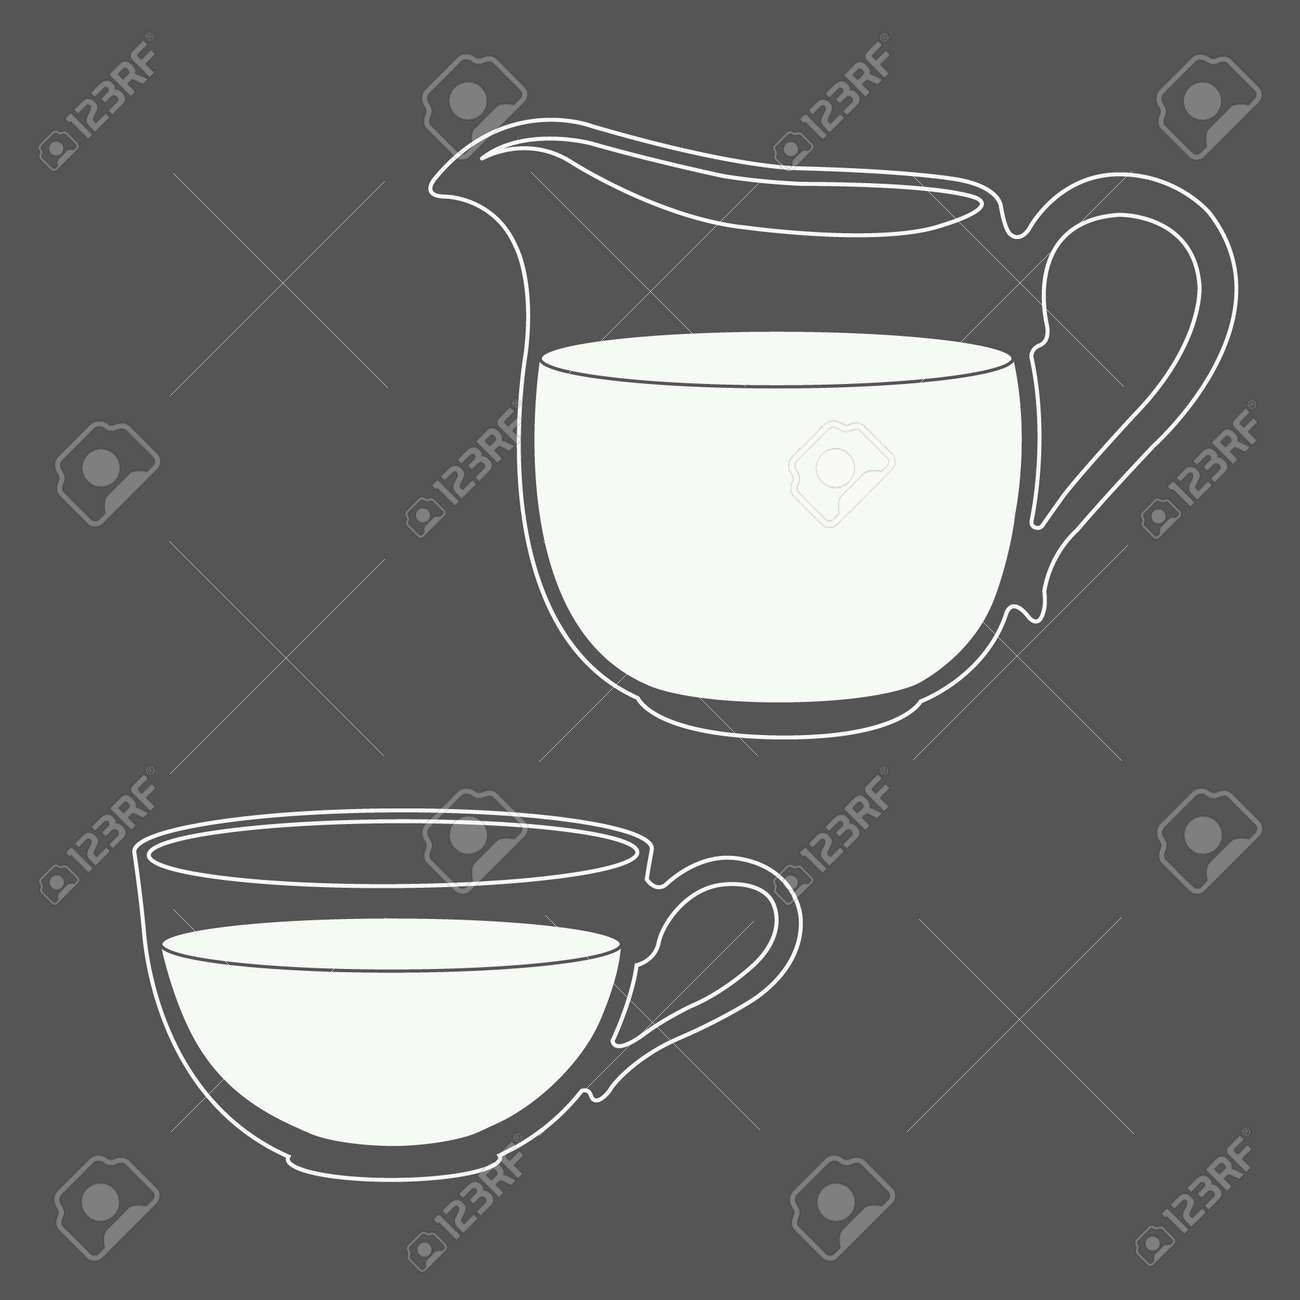 Schön Tee Tasse Malseite Fotos - Malvorlagen Von Tieren - ngadi.info